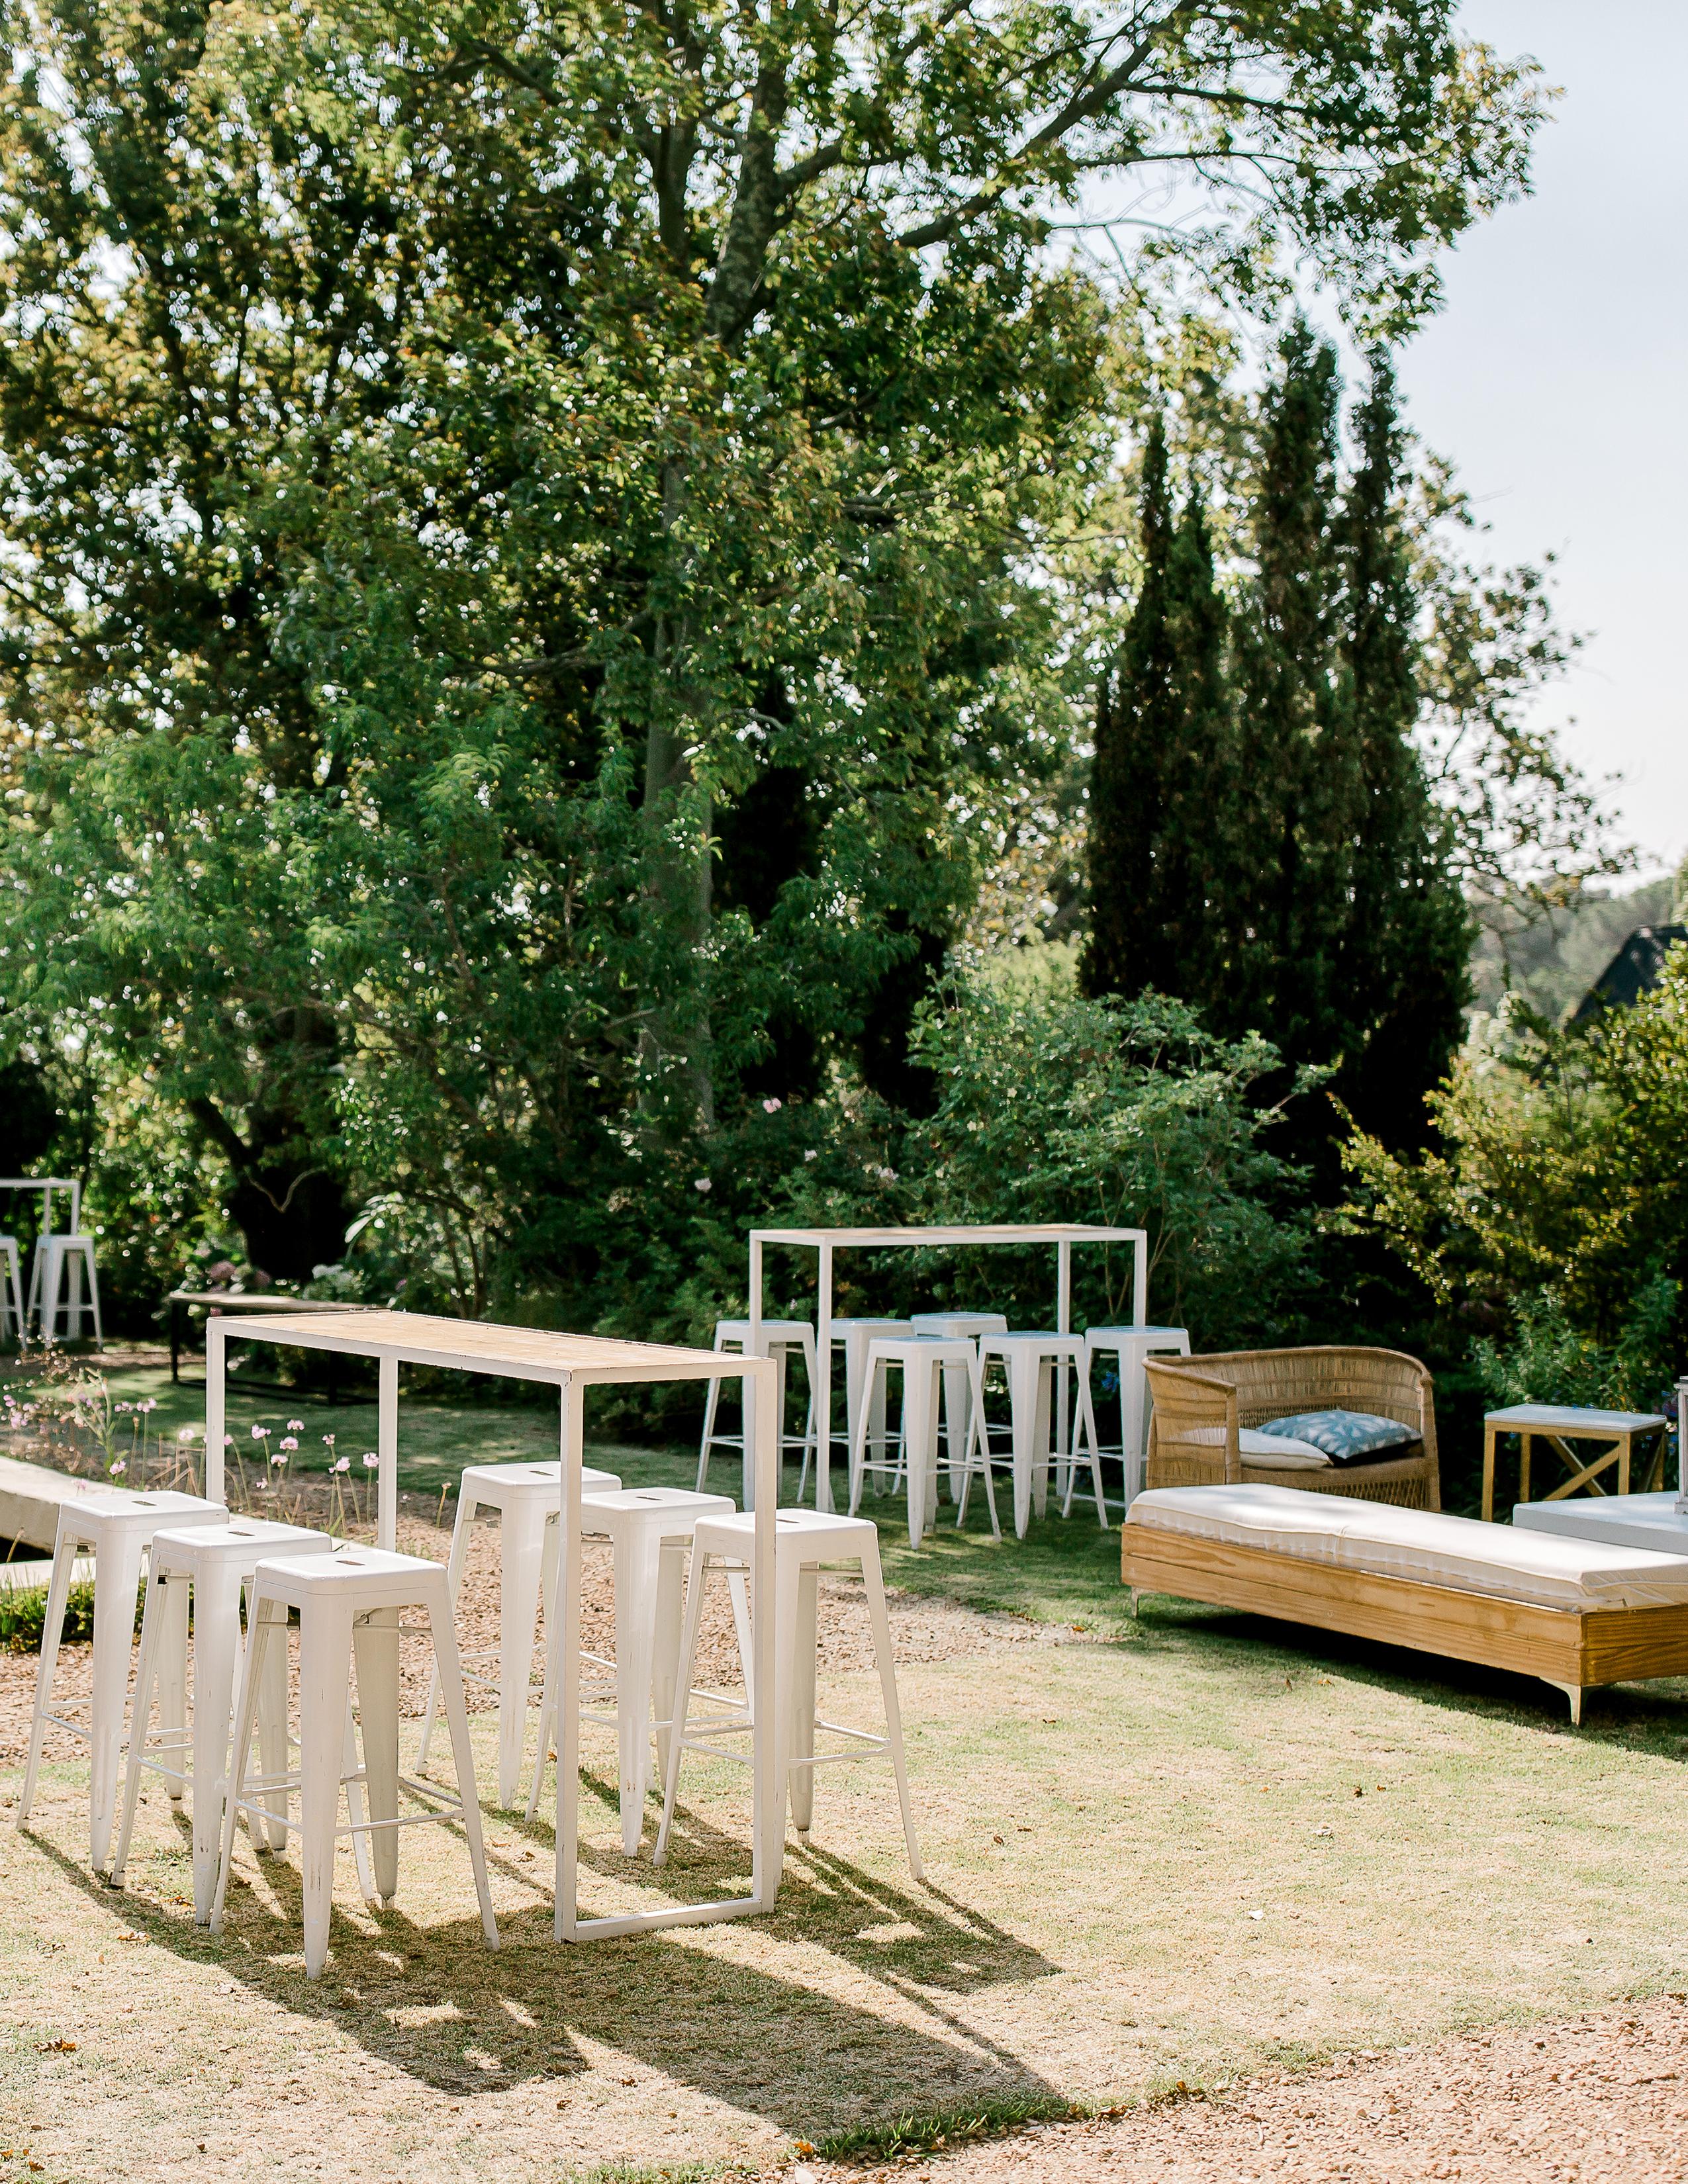 rorisang stephen wedding lounge